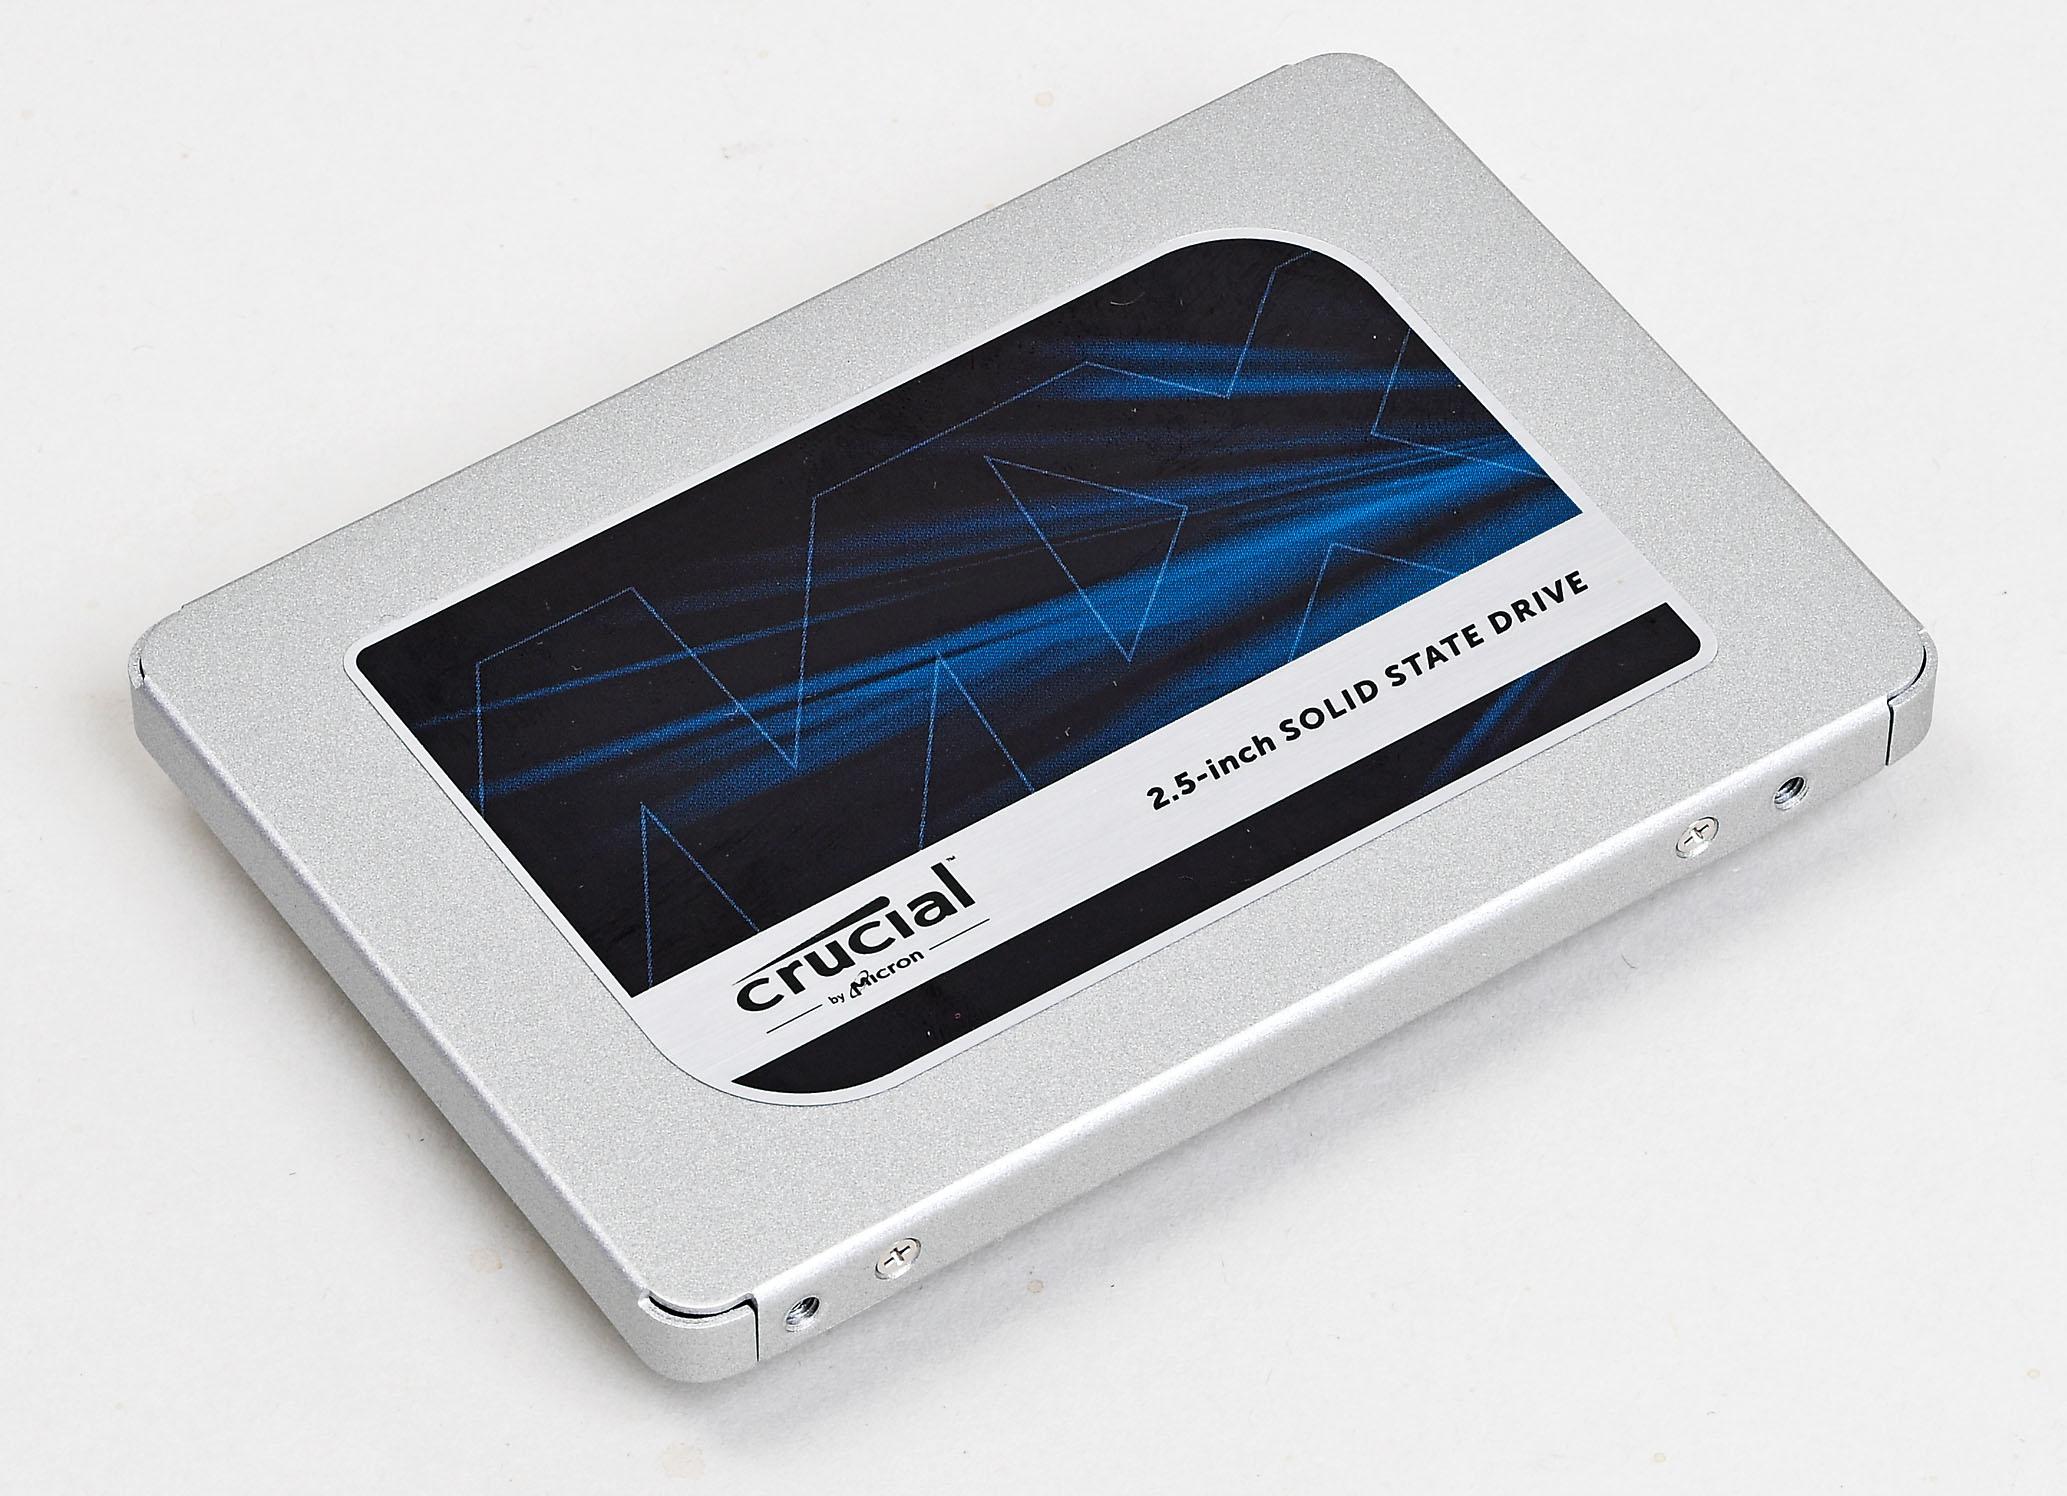 価格、性能のバランスに優れ、市場での人気や実績も高いMicron「Crucial MX500」。容量の選択肢も広く、換装用のSSDとして、さまざまなPCにマッチする